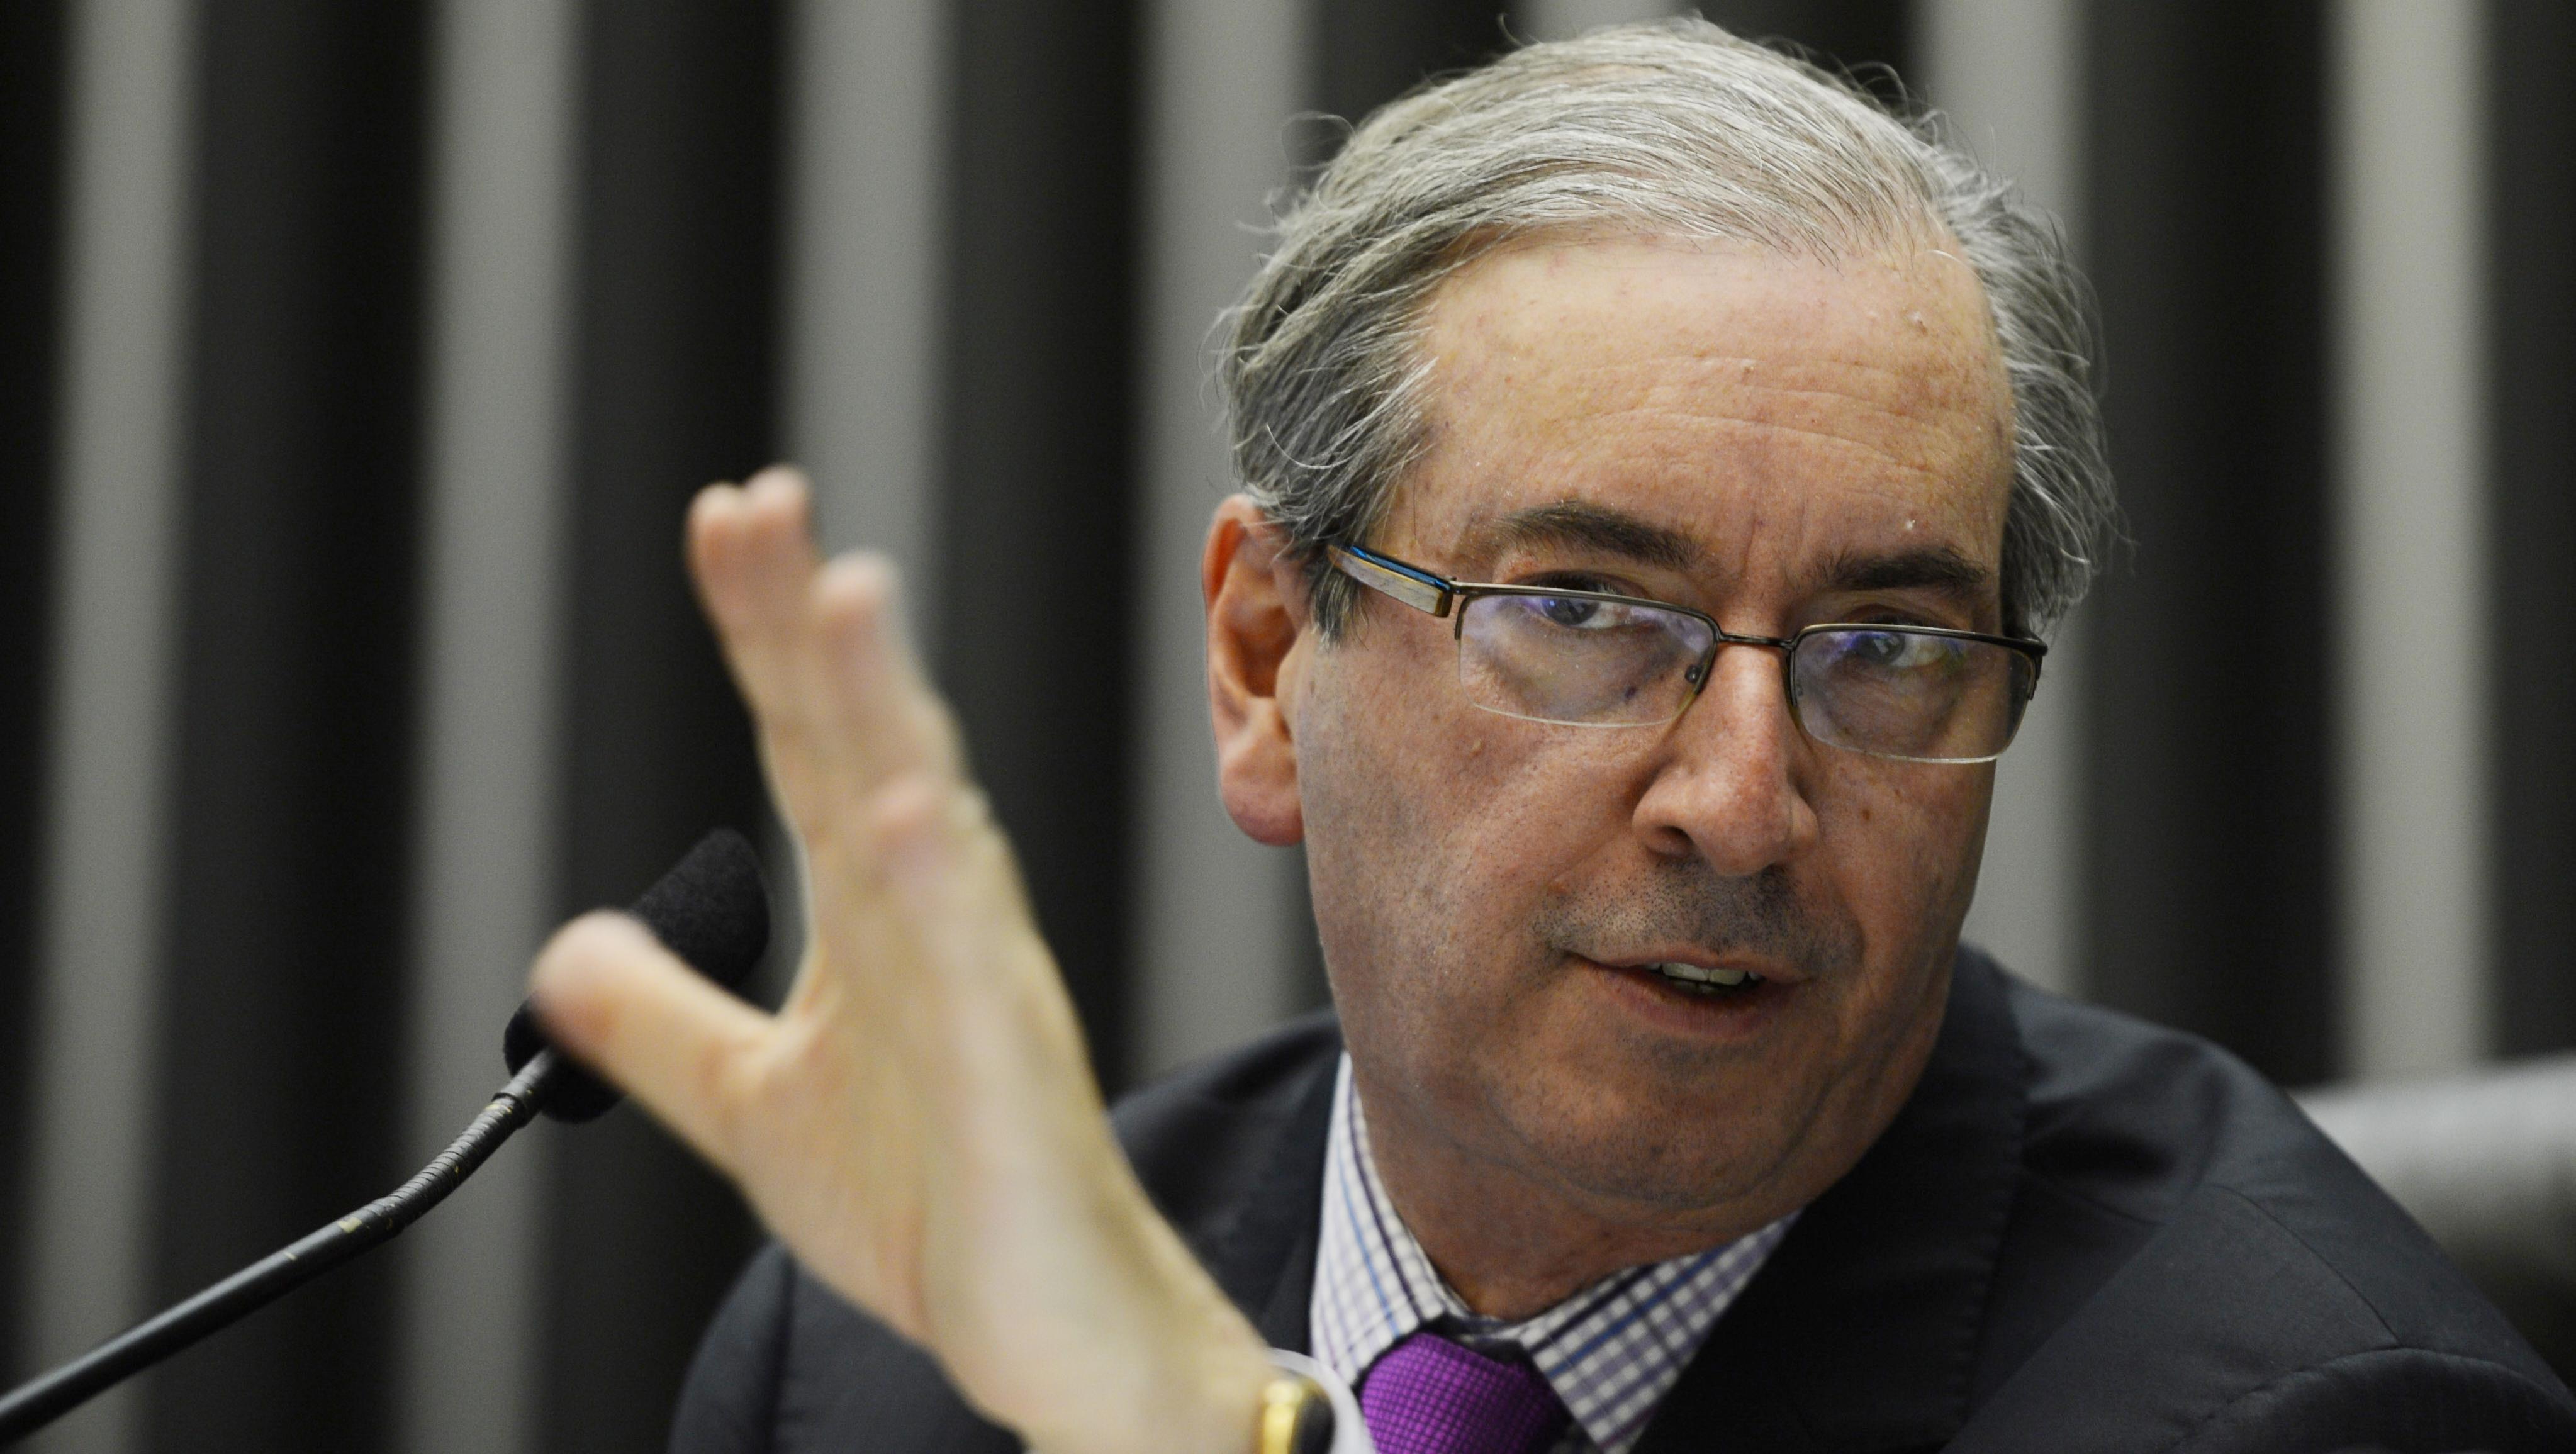 Procuradoria defende continuidade de inquéritos contra Eduardo Cunha